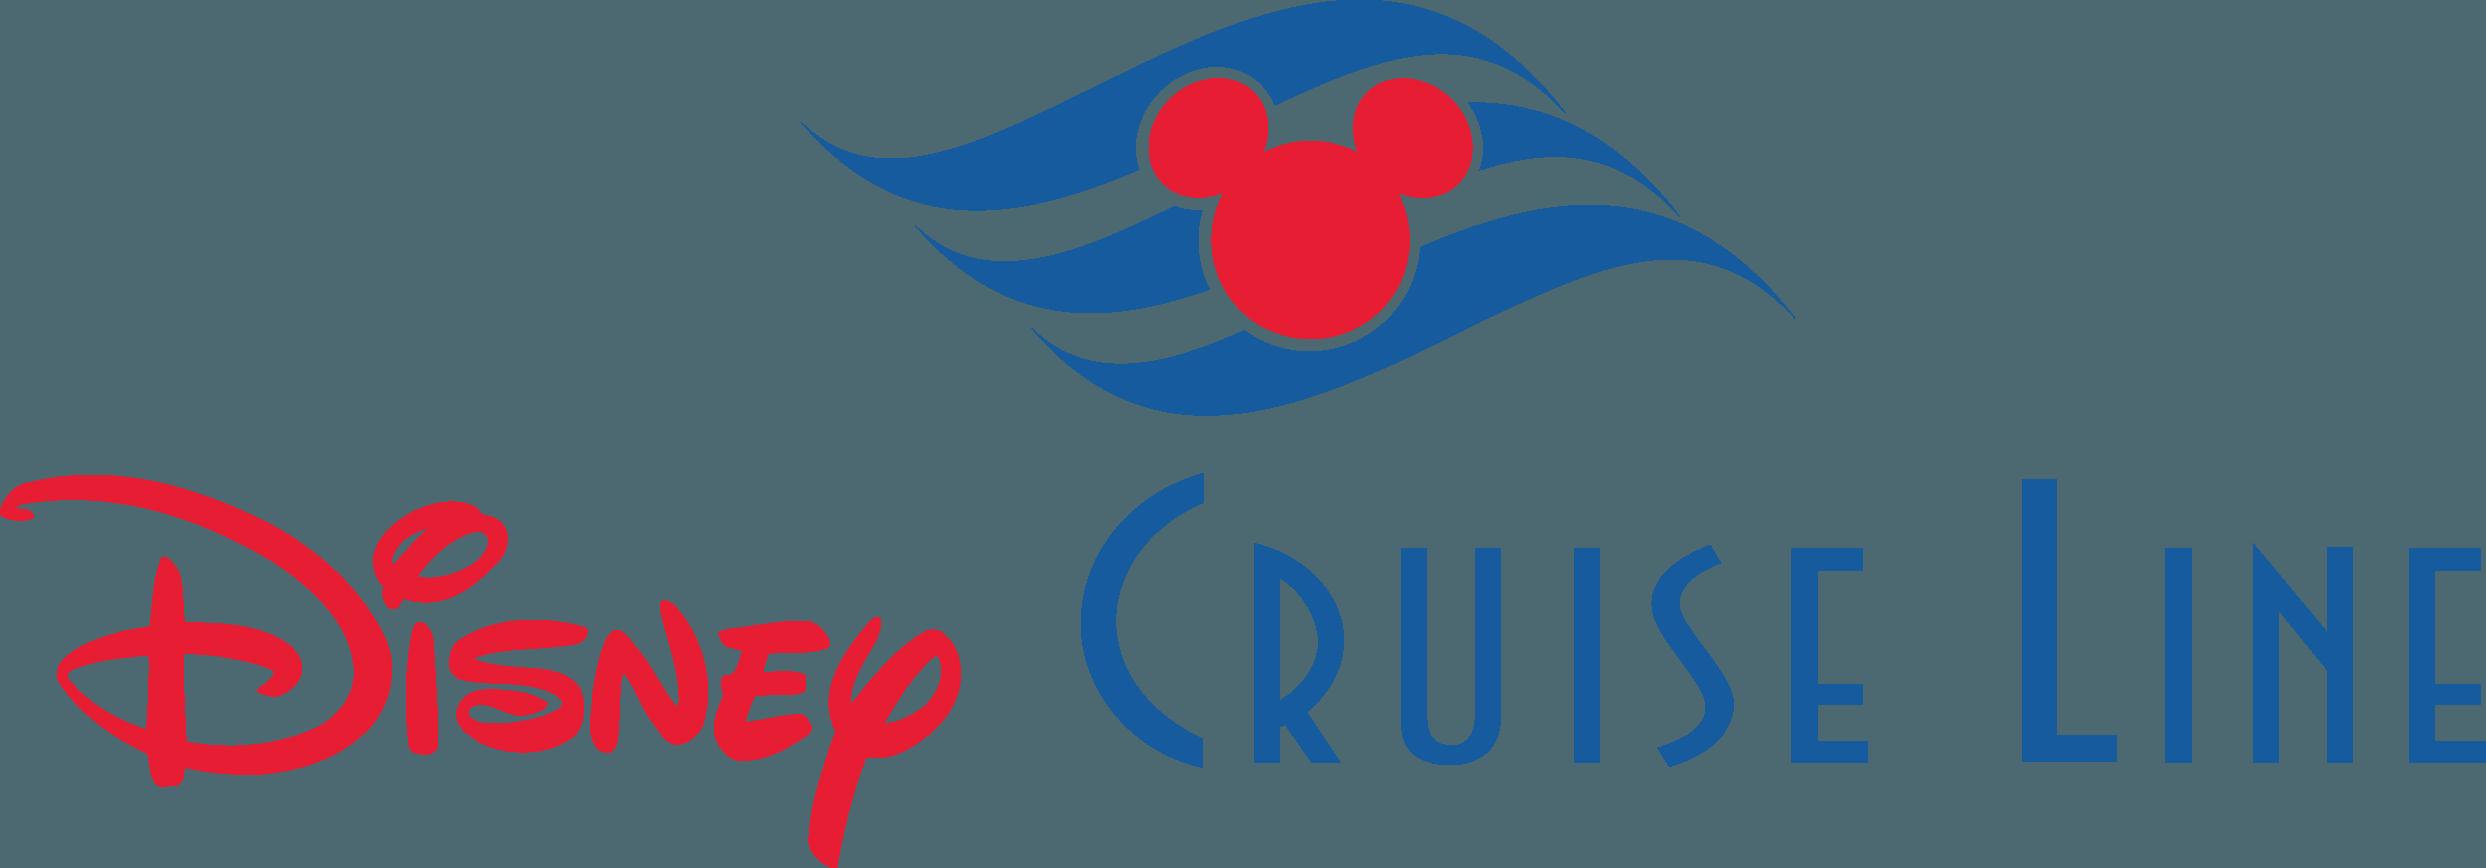 disney cruise line logo vector